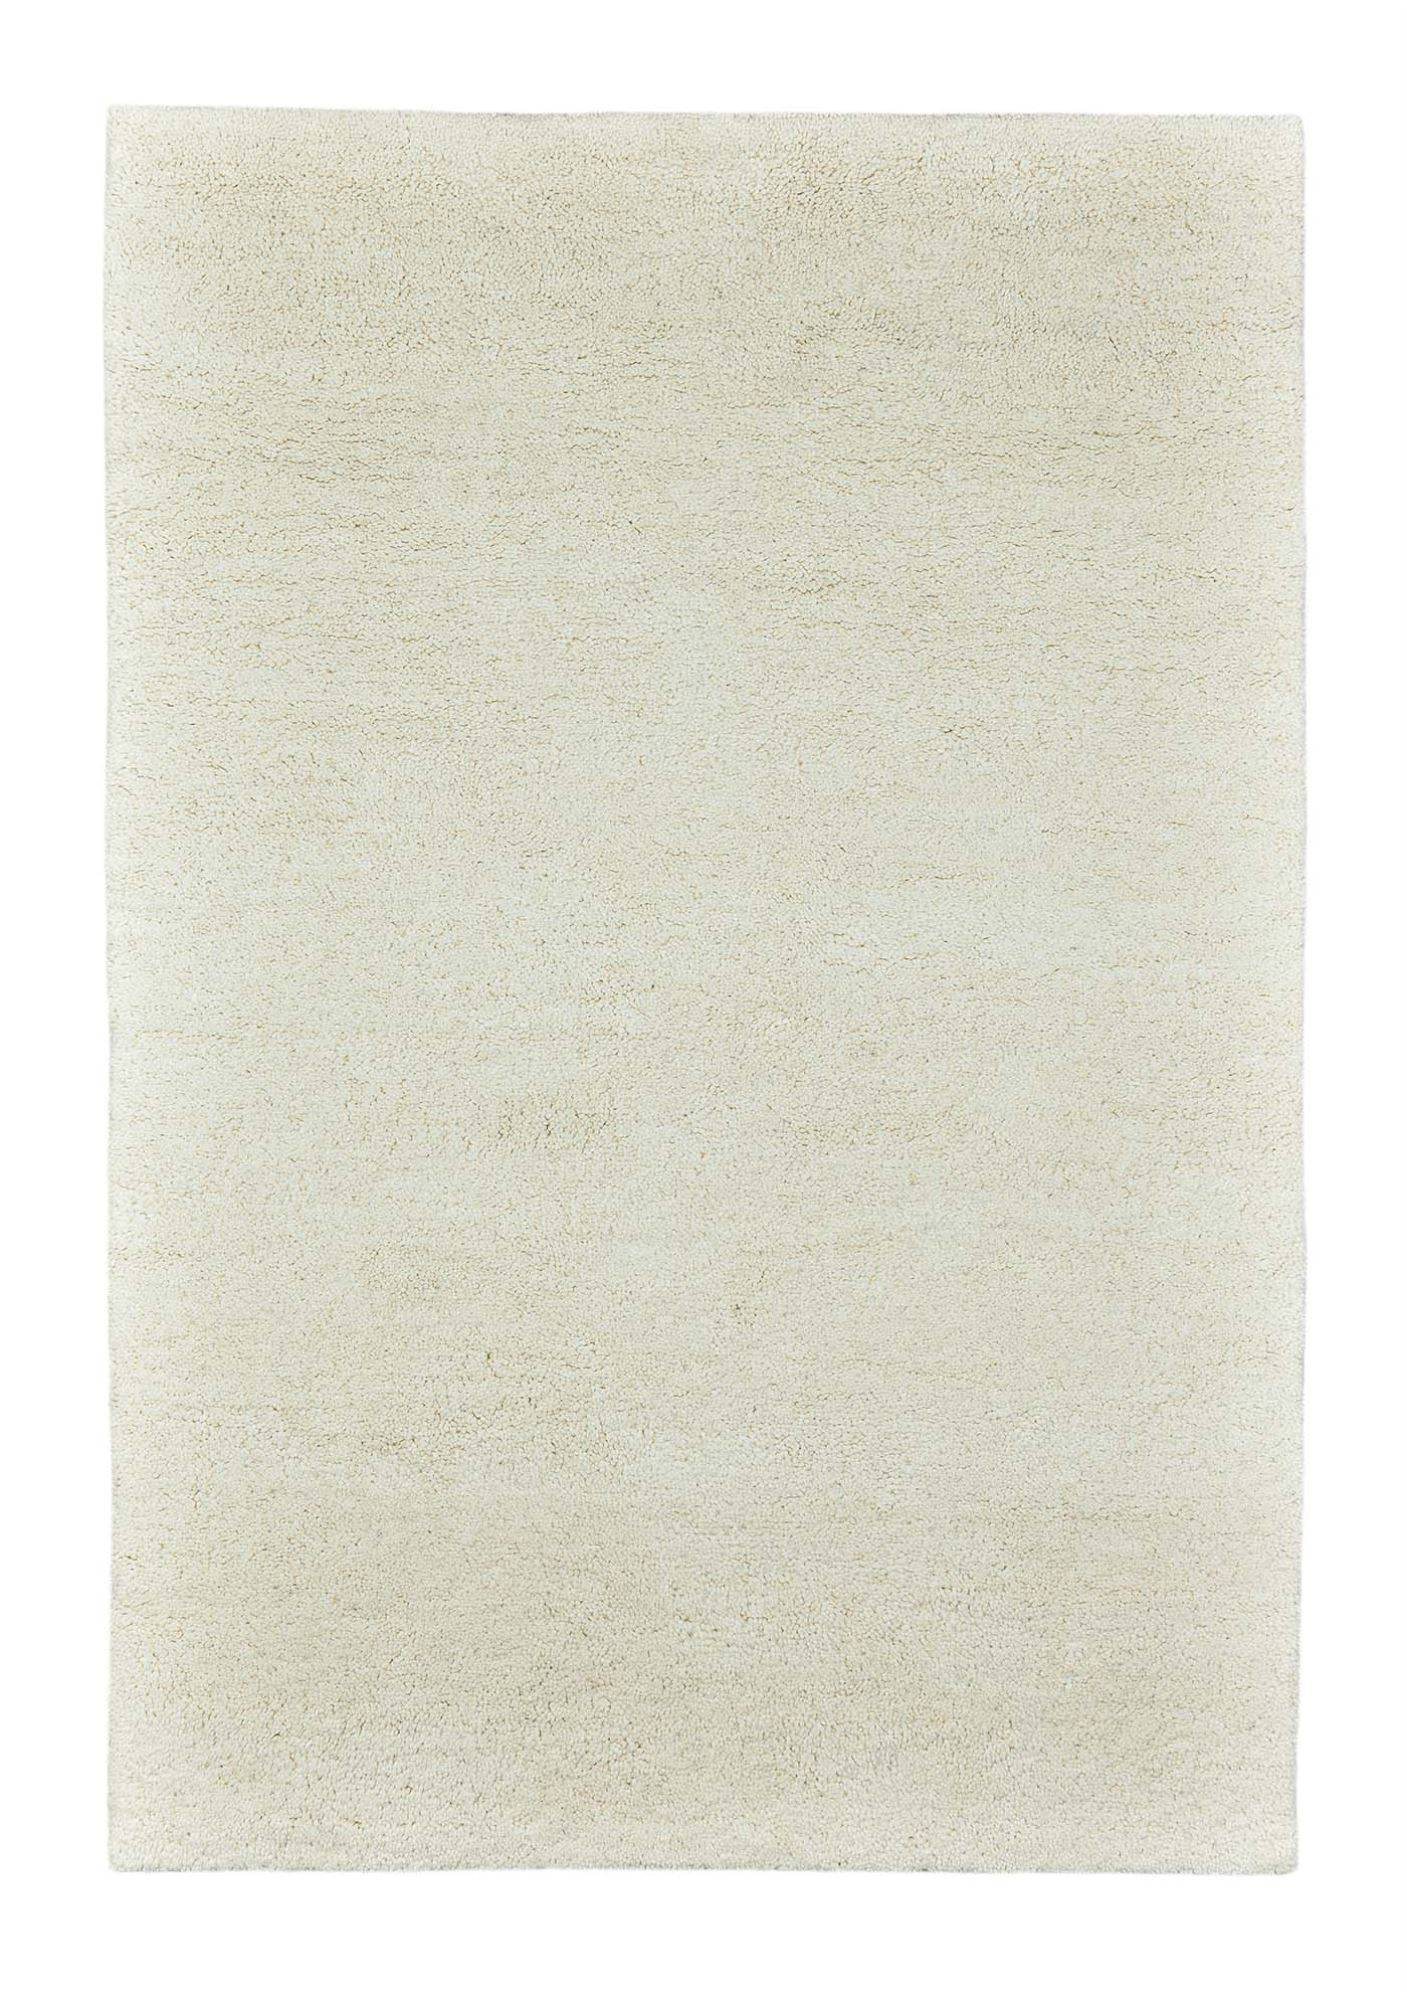 THEKO Tapis Berbre du maroc en laine naturelle Blanc 120x180